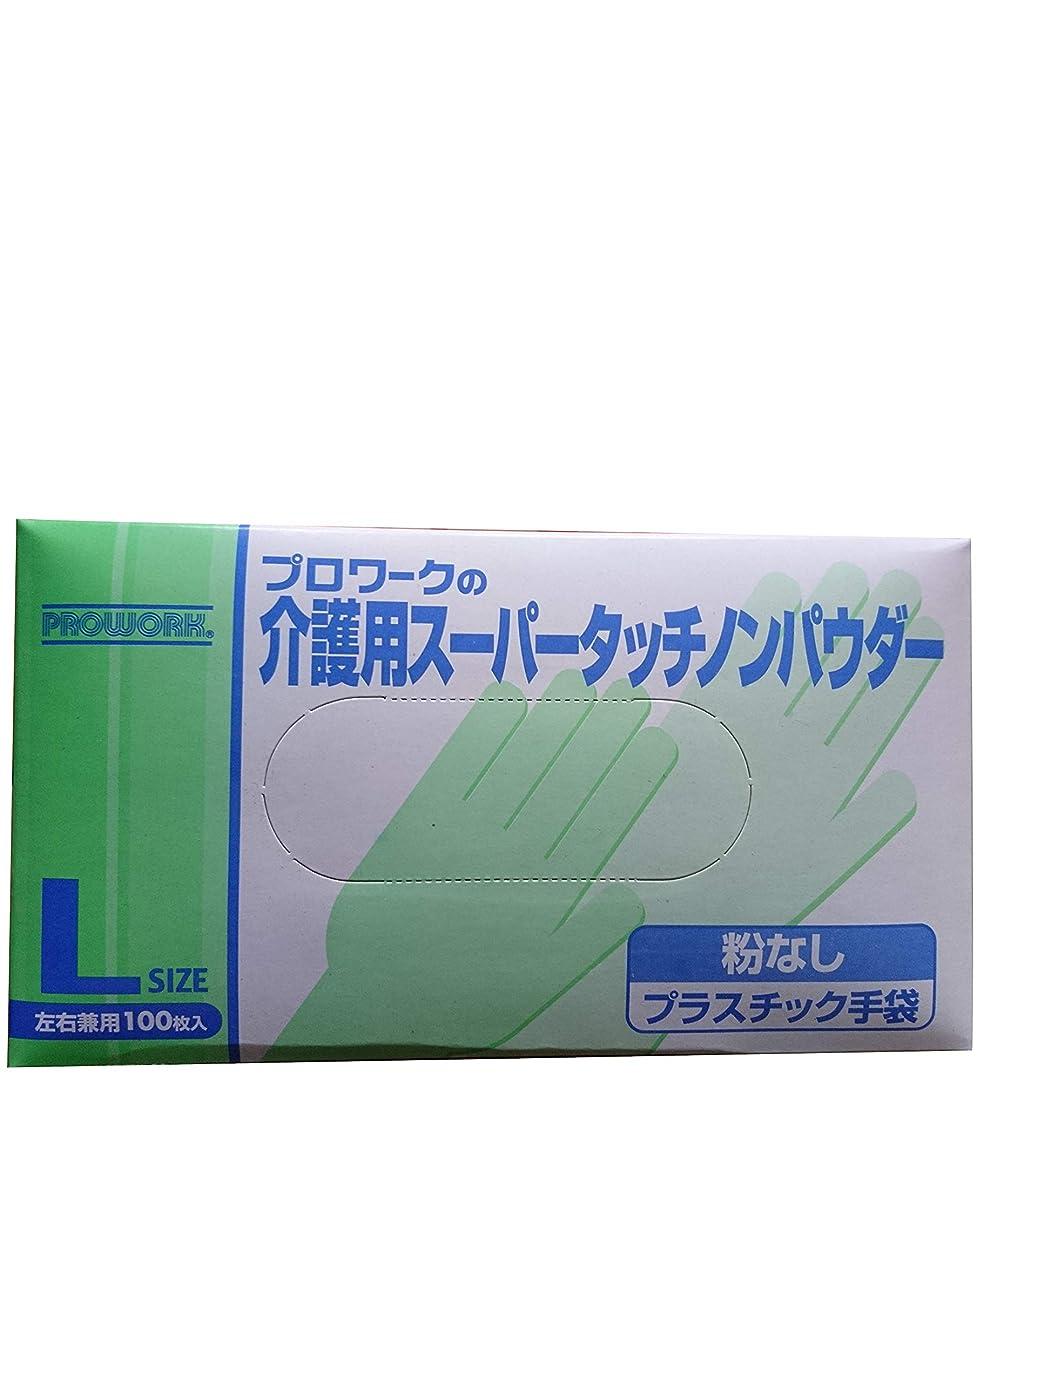 はず入手します激怒介護用スーパータッチノンパウダー プラスチック手袋 粉なし Lサイズ 左右兼用100枚入